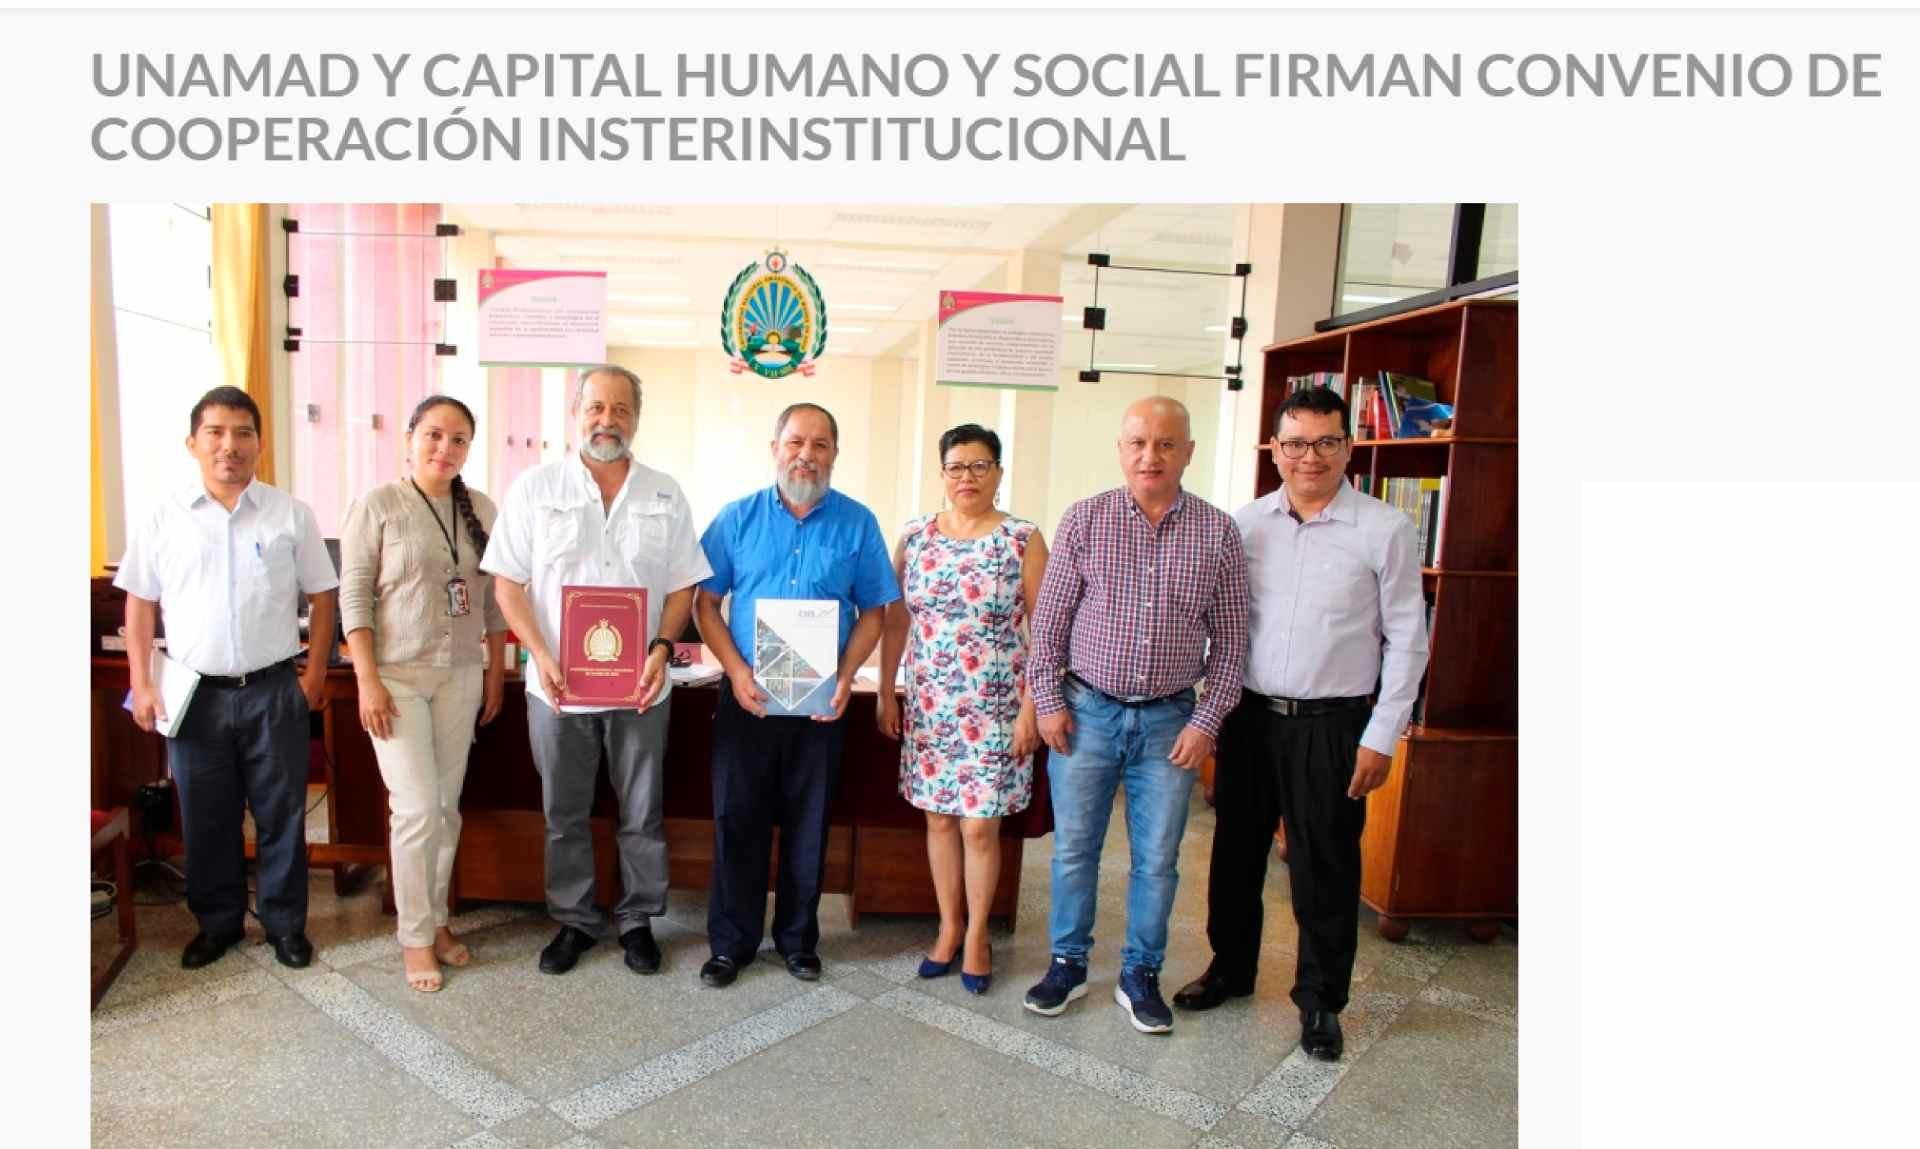 UNAMAD Y Capital Humano Y Social firman convenio de cooeperación interinstitucional